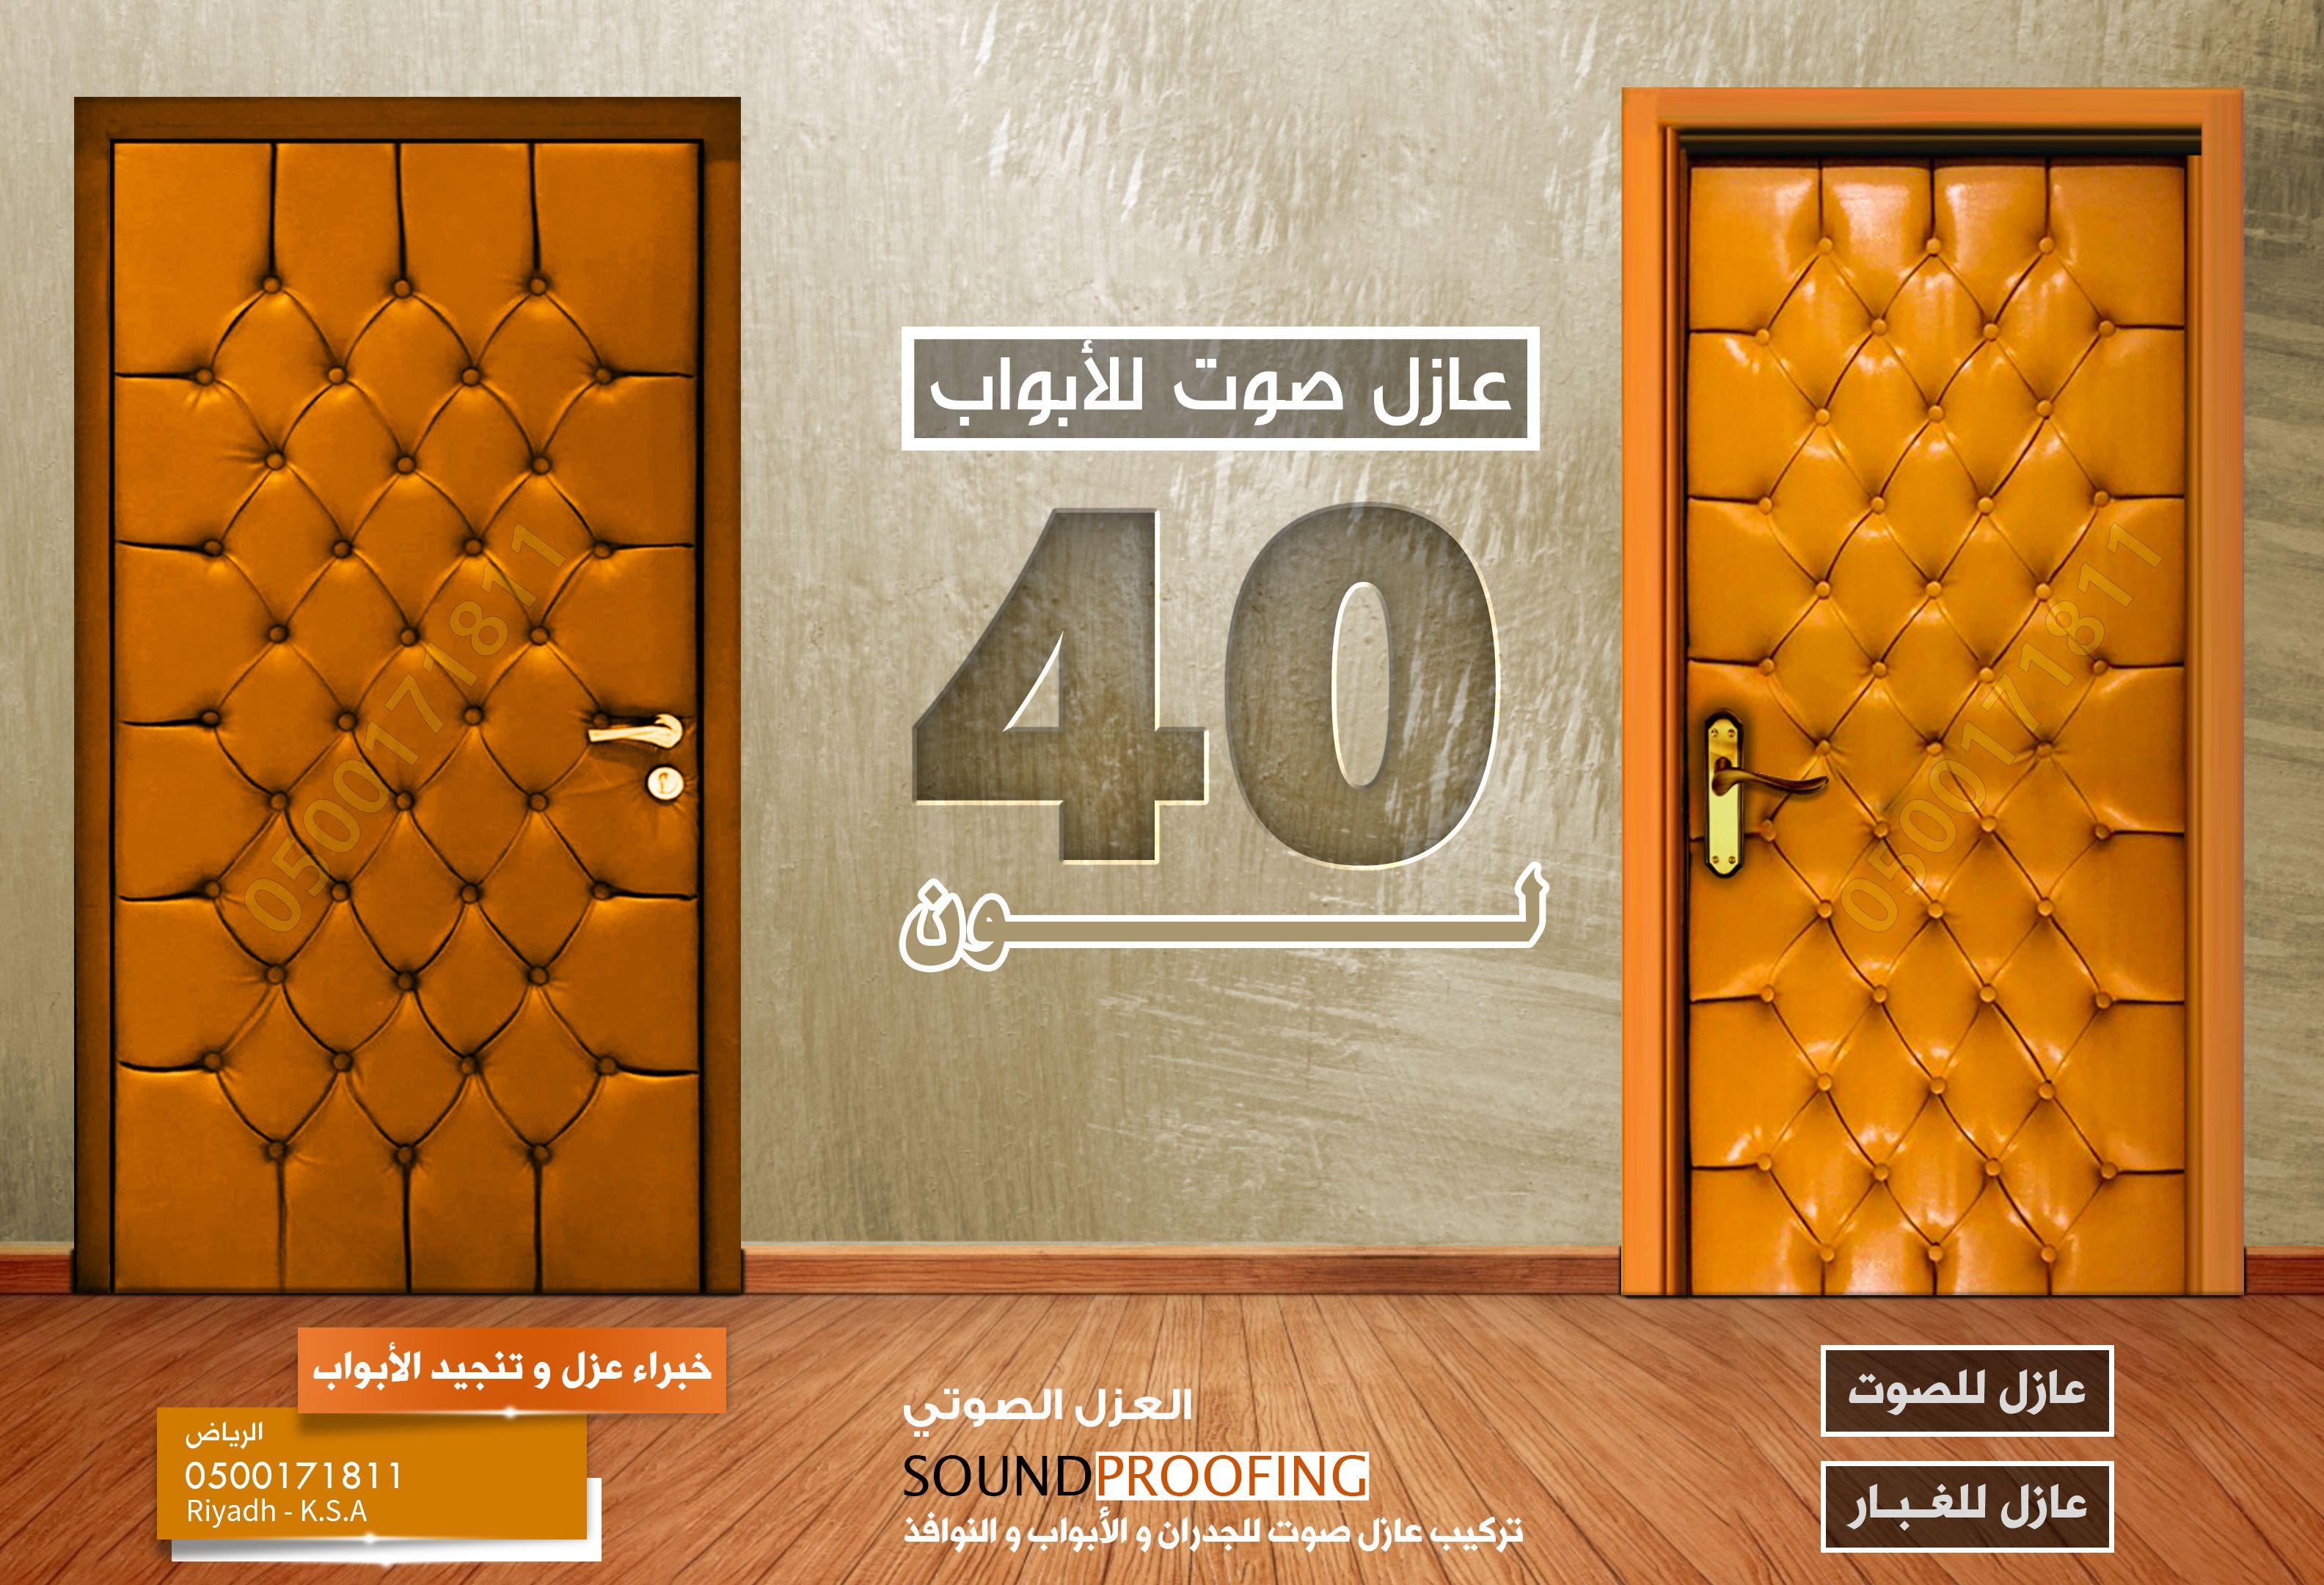 عزل صوت الجدران في المباني مع عزل الأبواب و النوافذ و كتم الصوت هندسة العزل الصوتي و إنشاء الاستديوهات عزل صوت و ديكورات بالرياض عزل باب ا Sound Proofing Riyadh